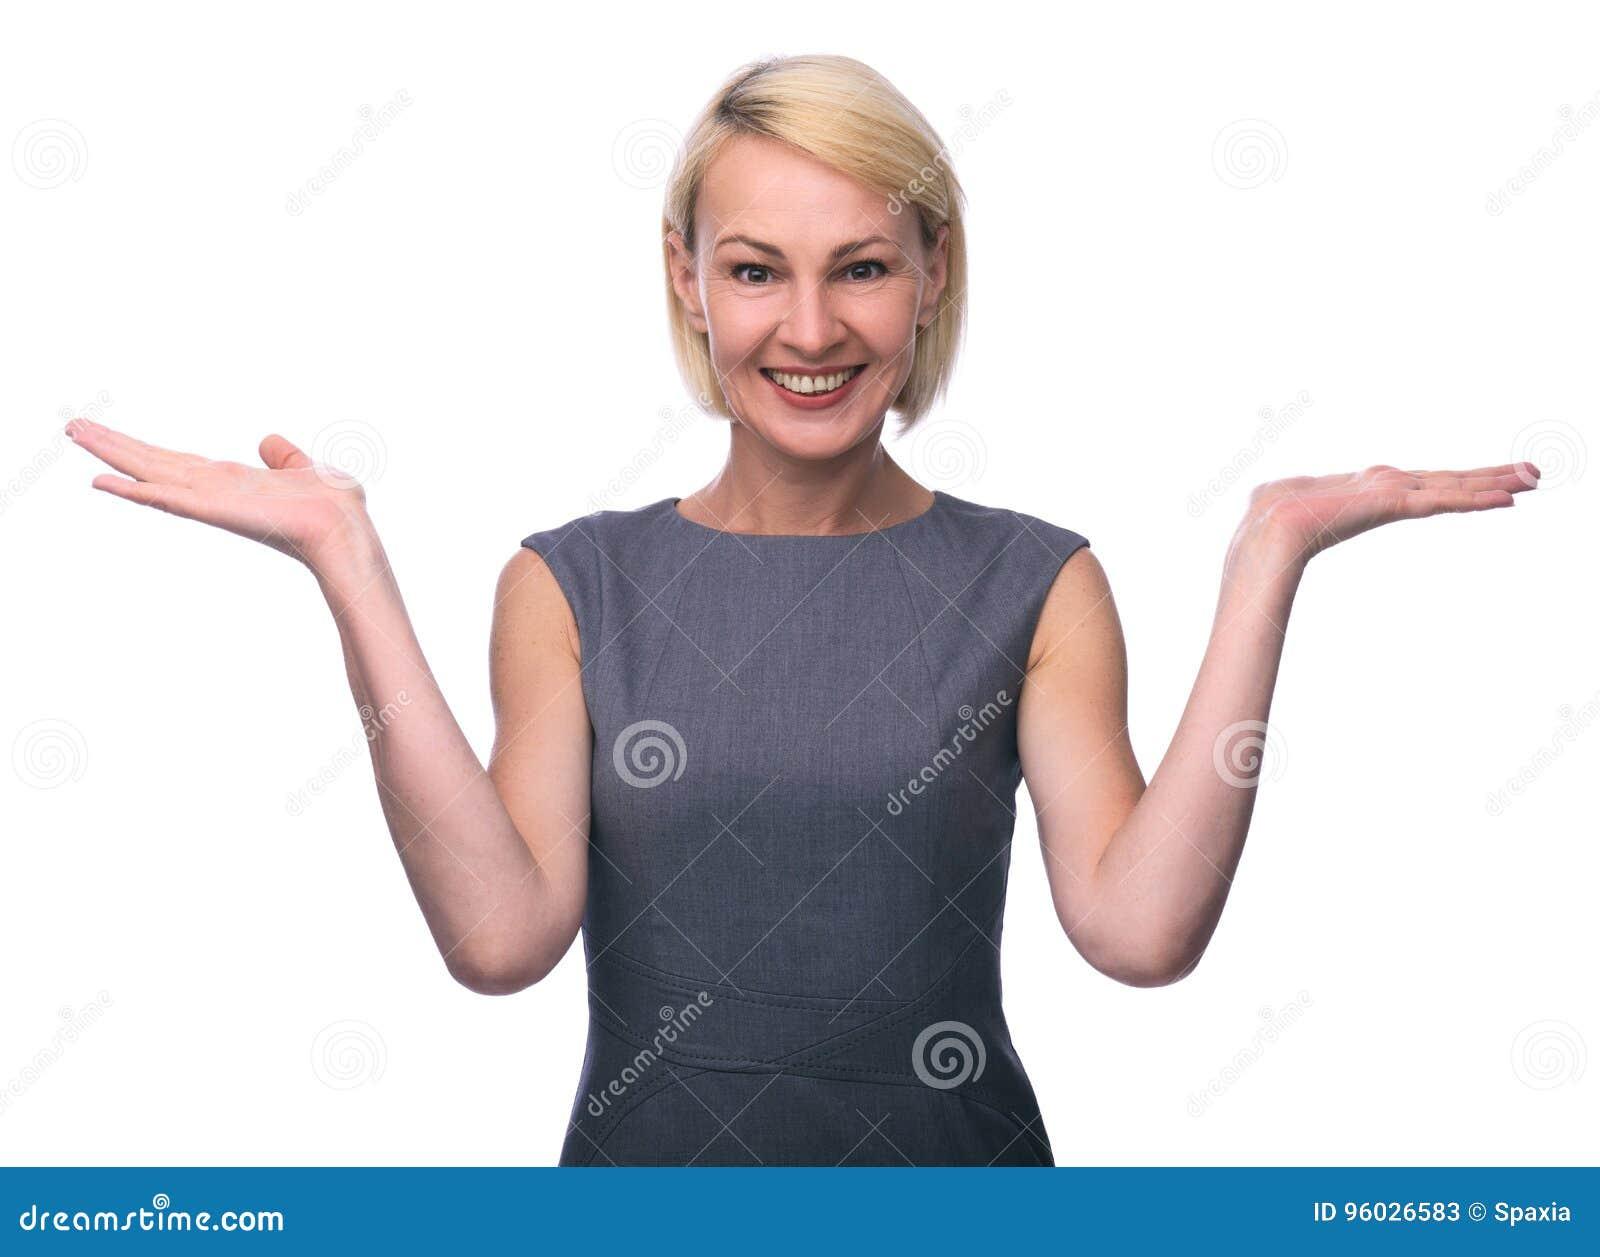 W połowie pełnoletnia kobieta gestykuluje z rękami i pokazuje równowagę